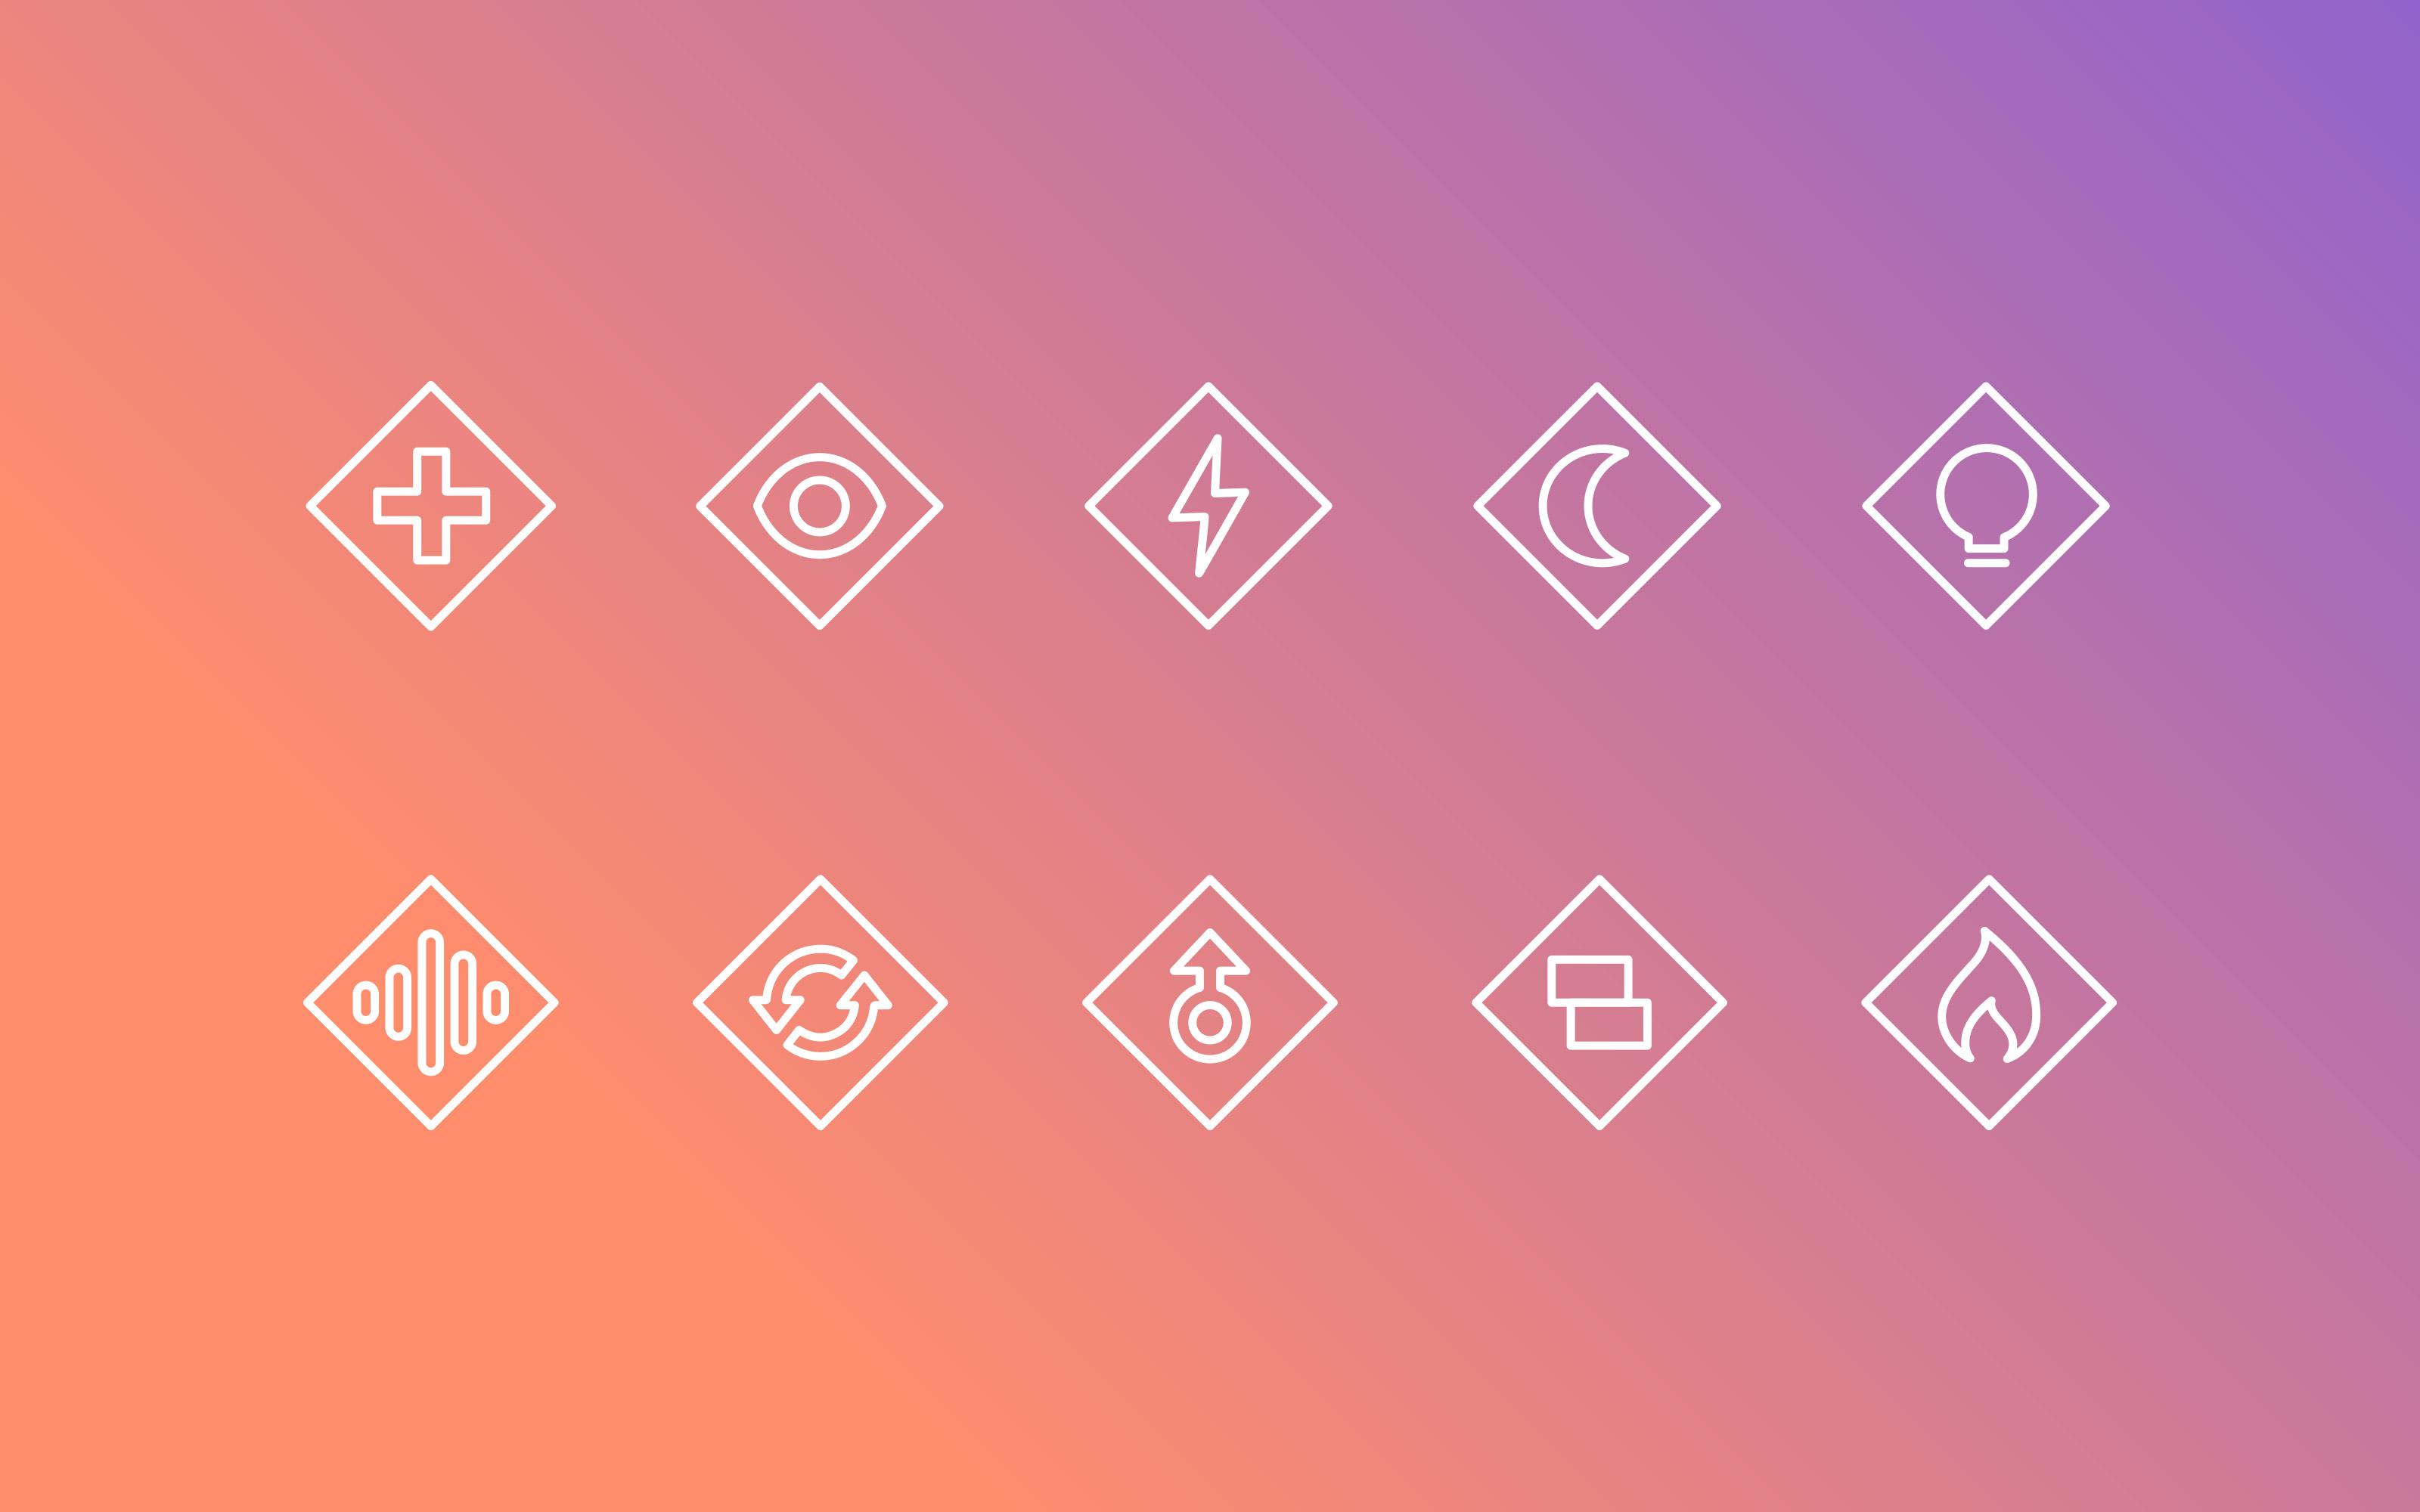 Plab_Web_Icons